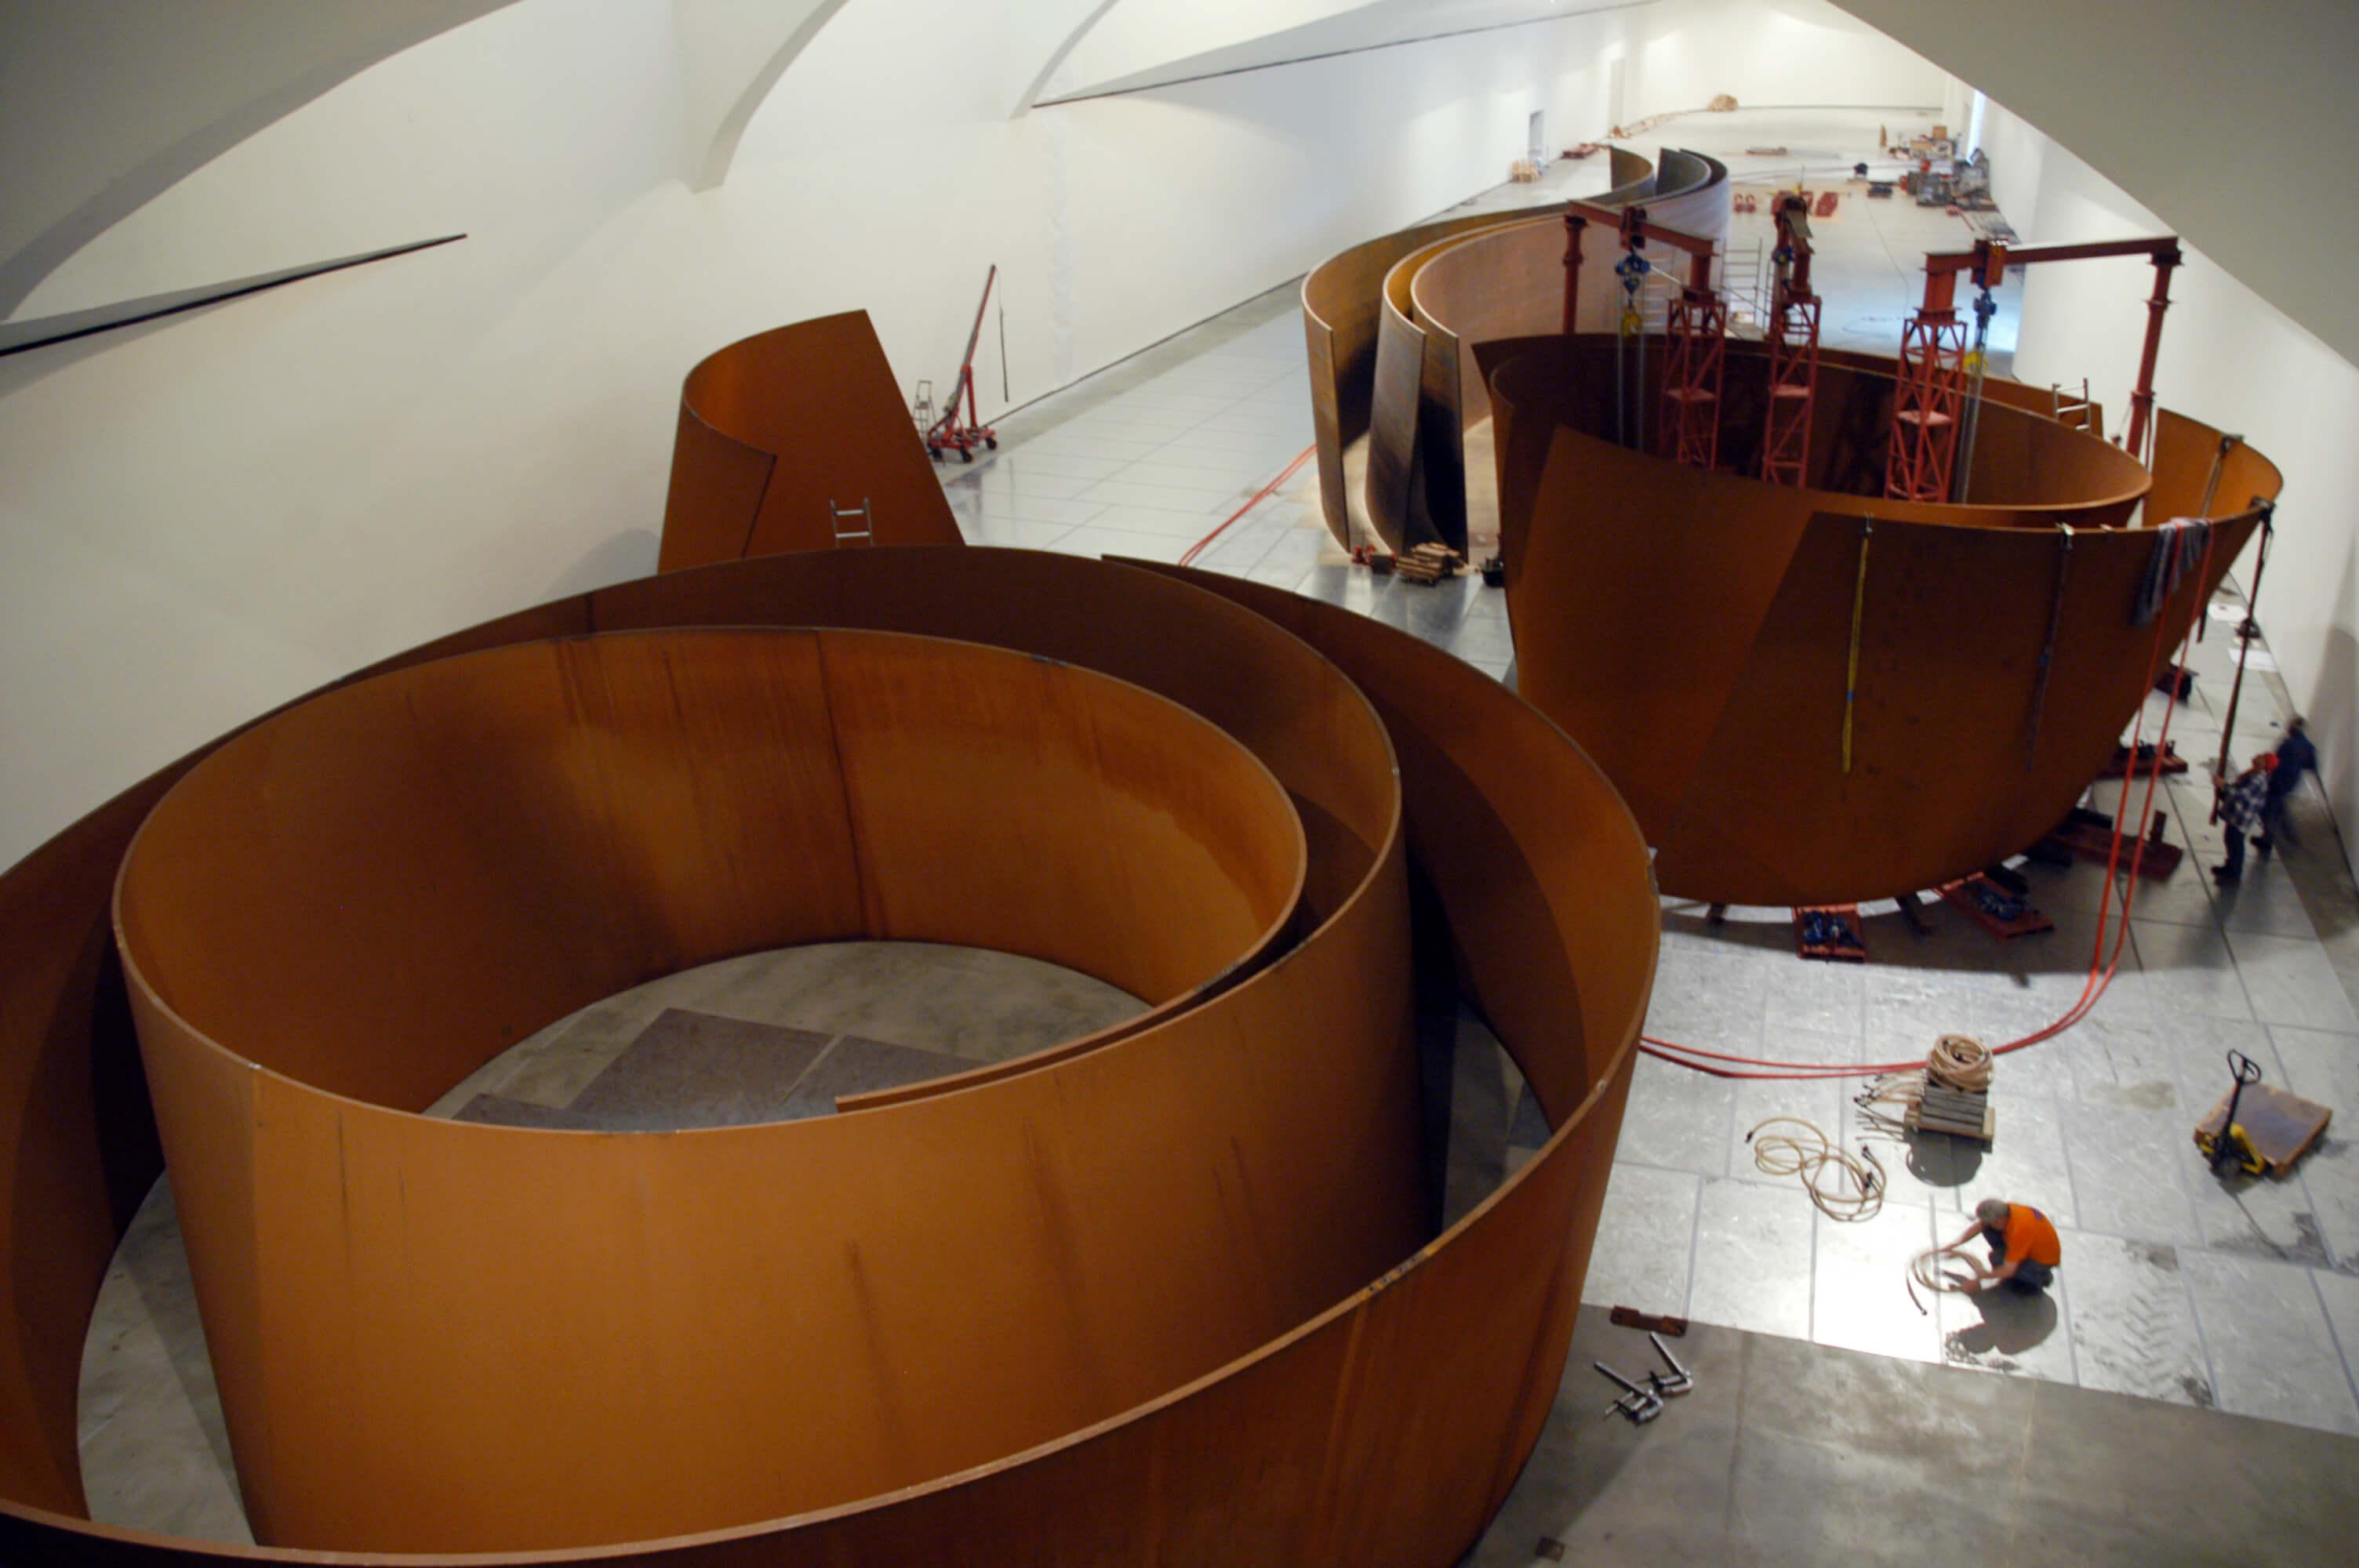 Montaje de la obra en el Museo | La materia del tiempo | Guggenheim Bilbao Museoa